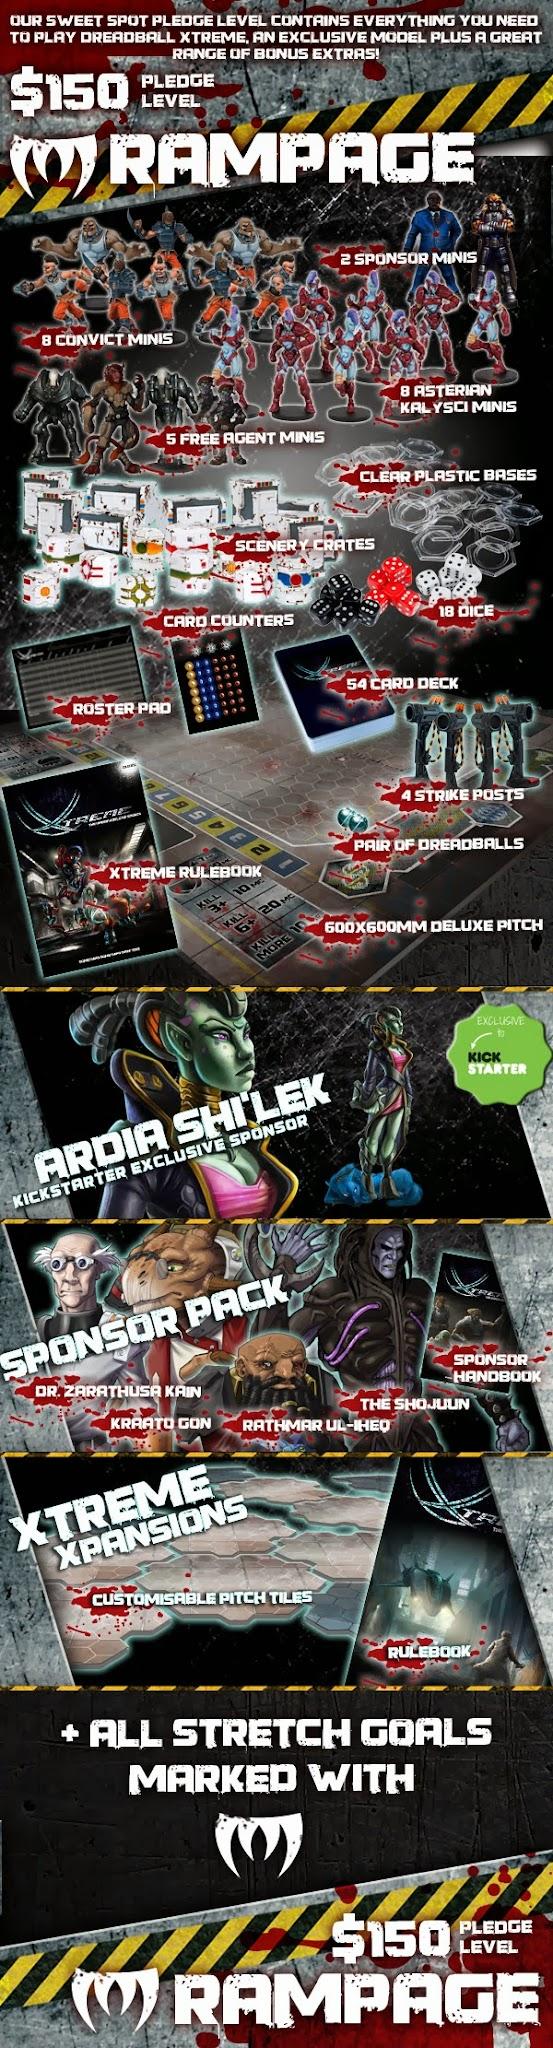 Mantic Games, Dreadball, Juegos de Especialista, blood bowl, juegos de mesa, Dreaddball Xtreme, DungeonBowl, Kickstarter, Crowdfunding,Crying Grumpies, entrance, invitation, ticket